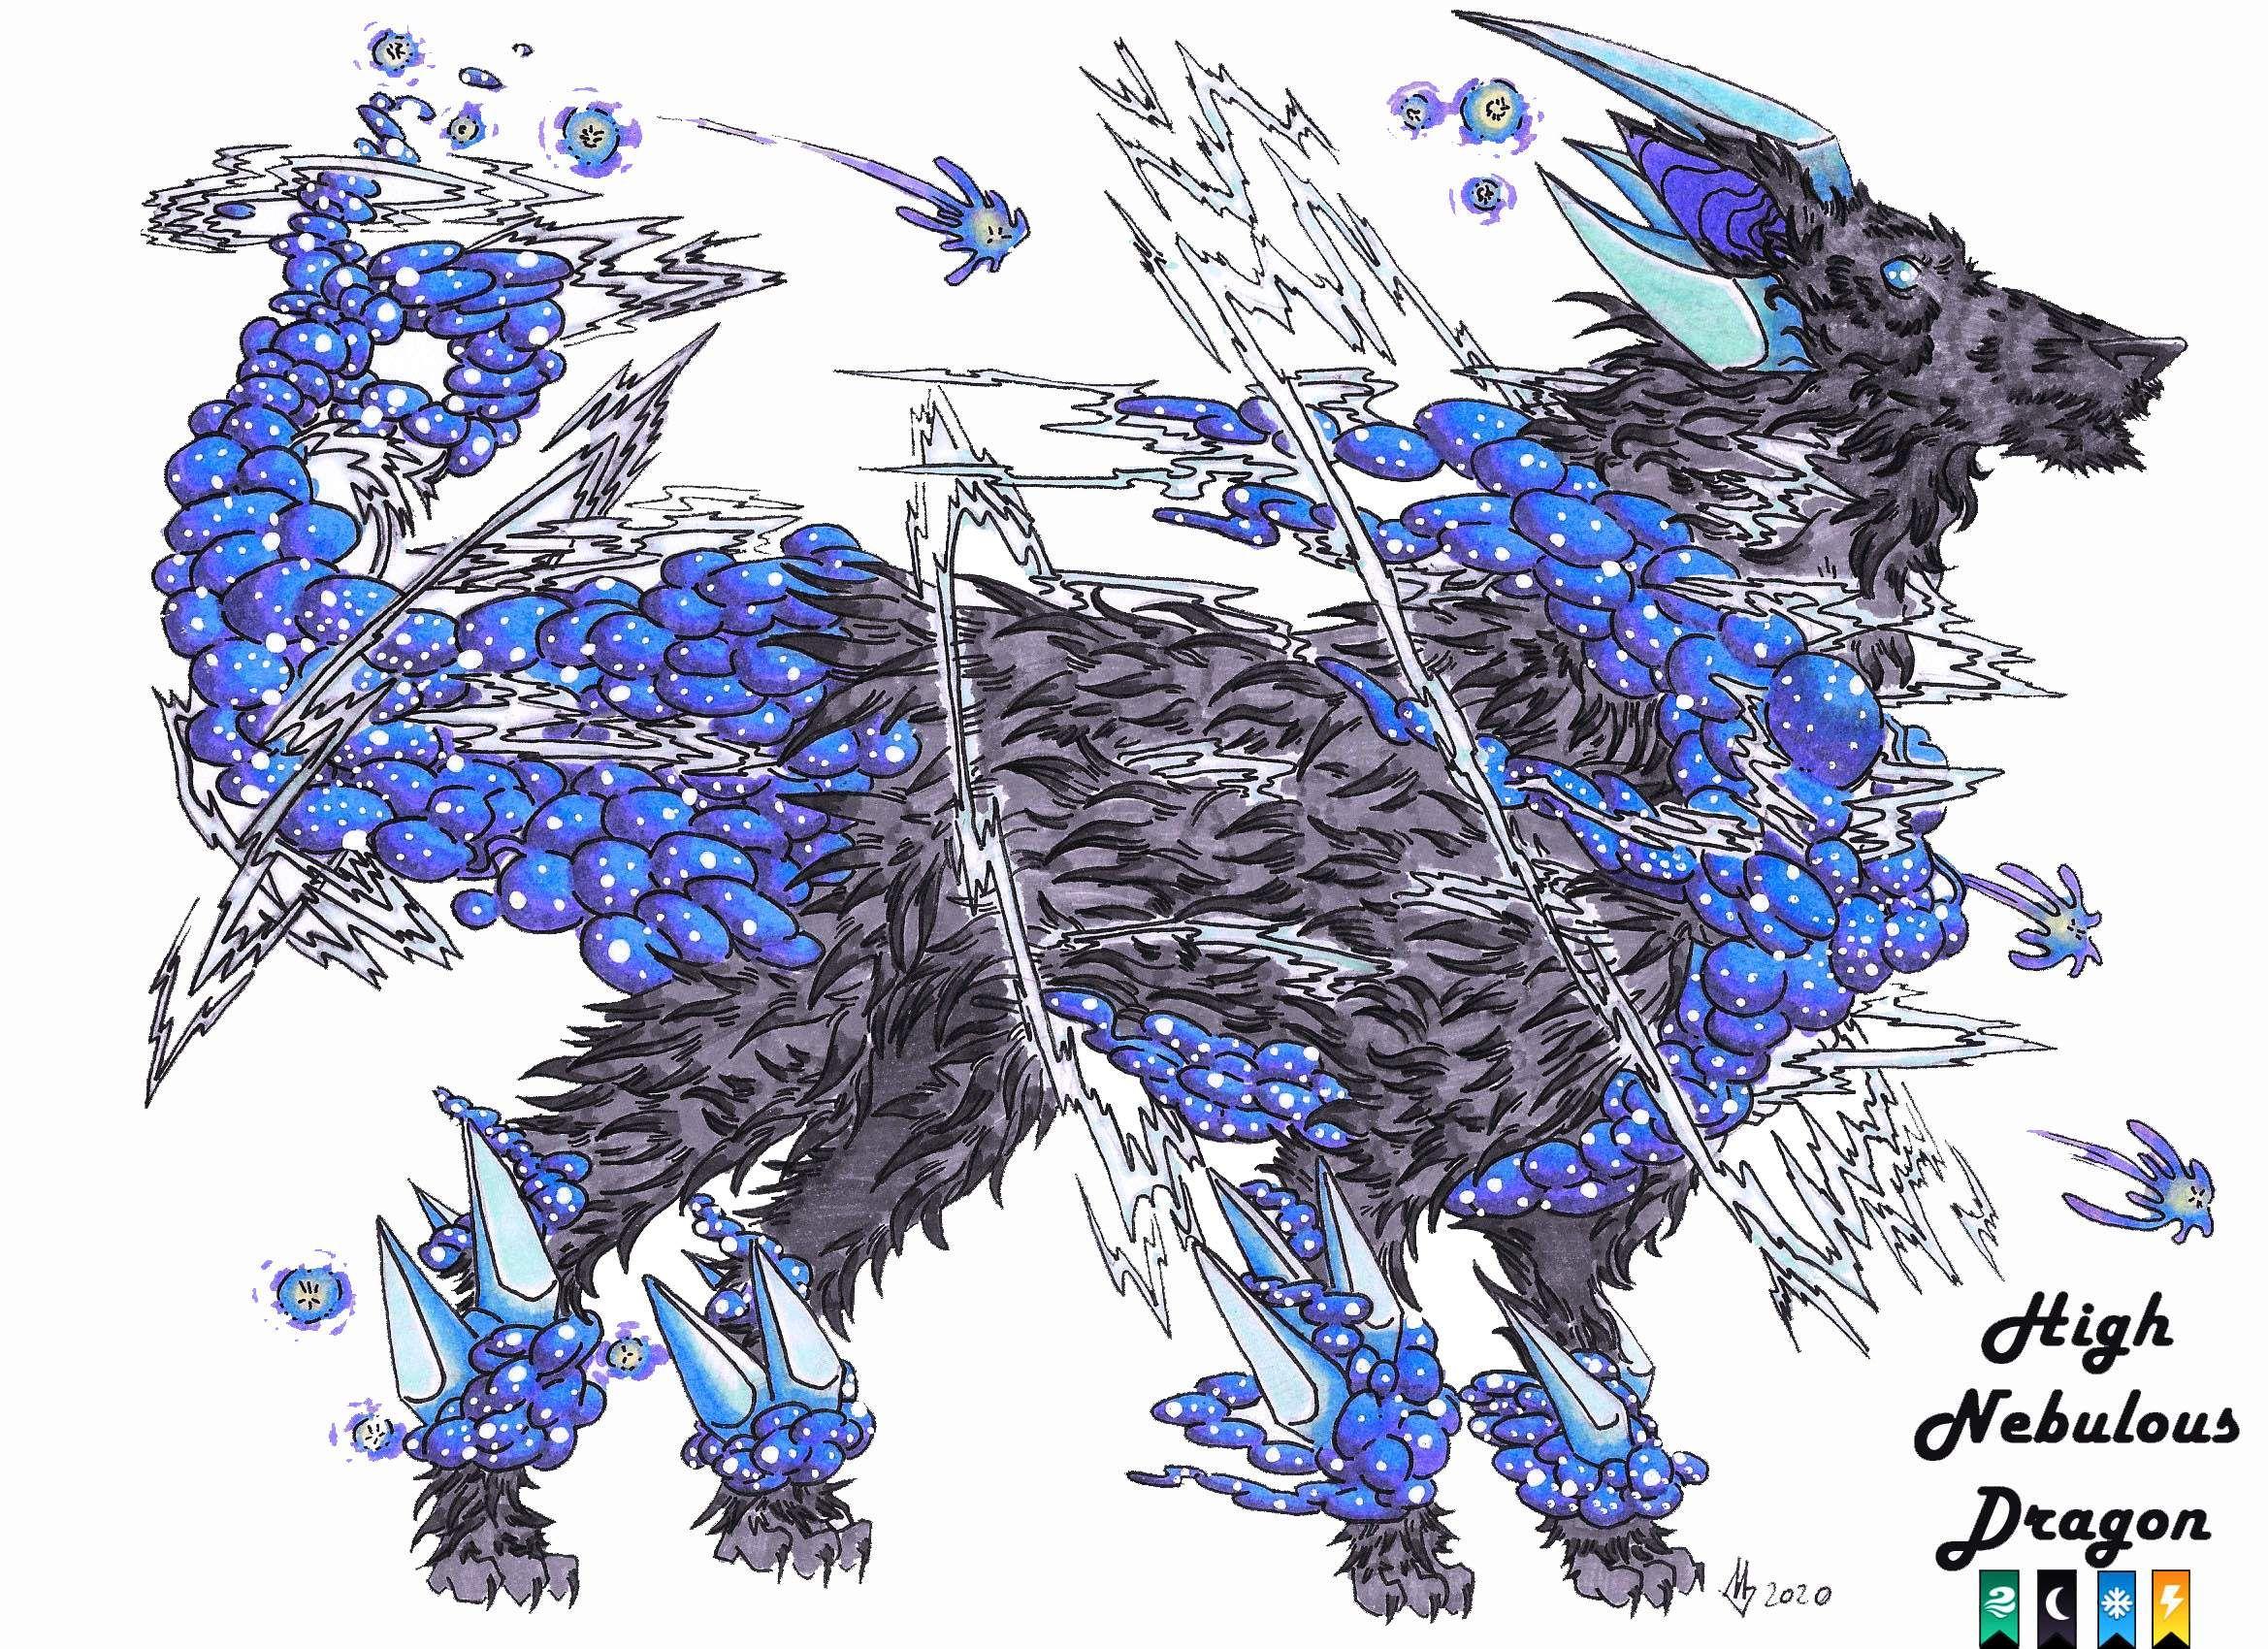 0_1614715146918_High Nebulous Dragon, Anthony Valencia.jpg